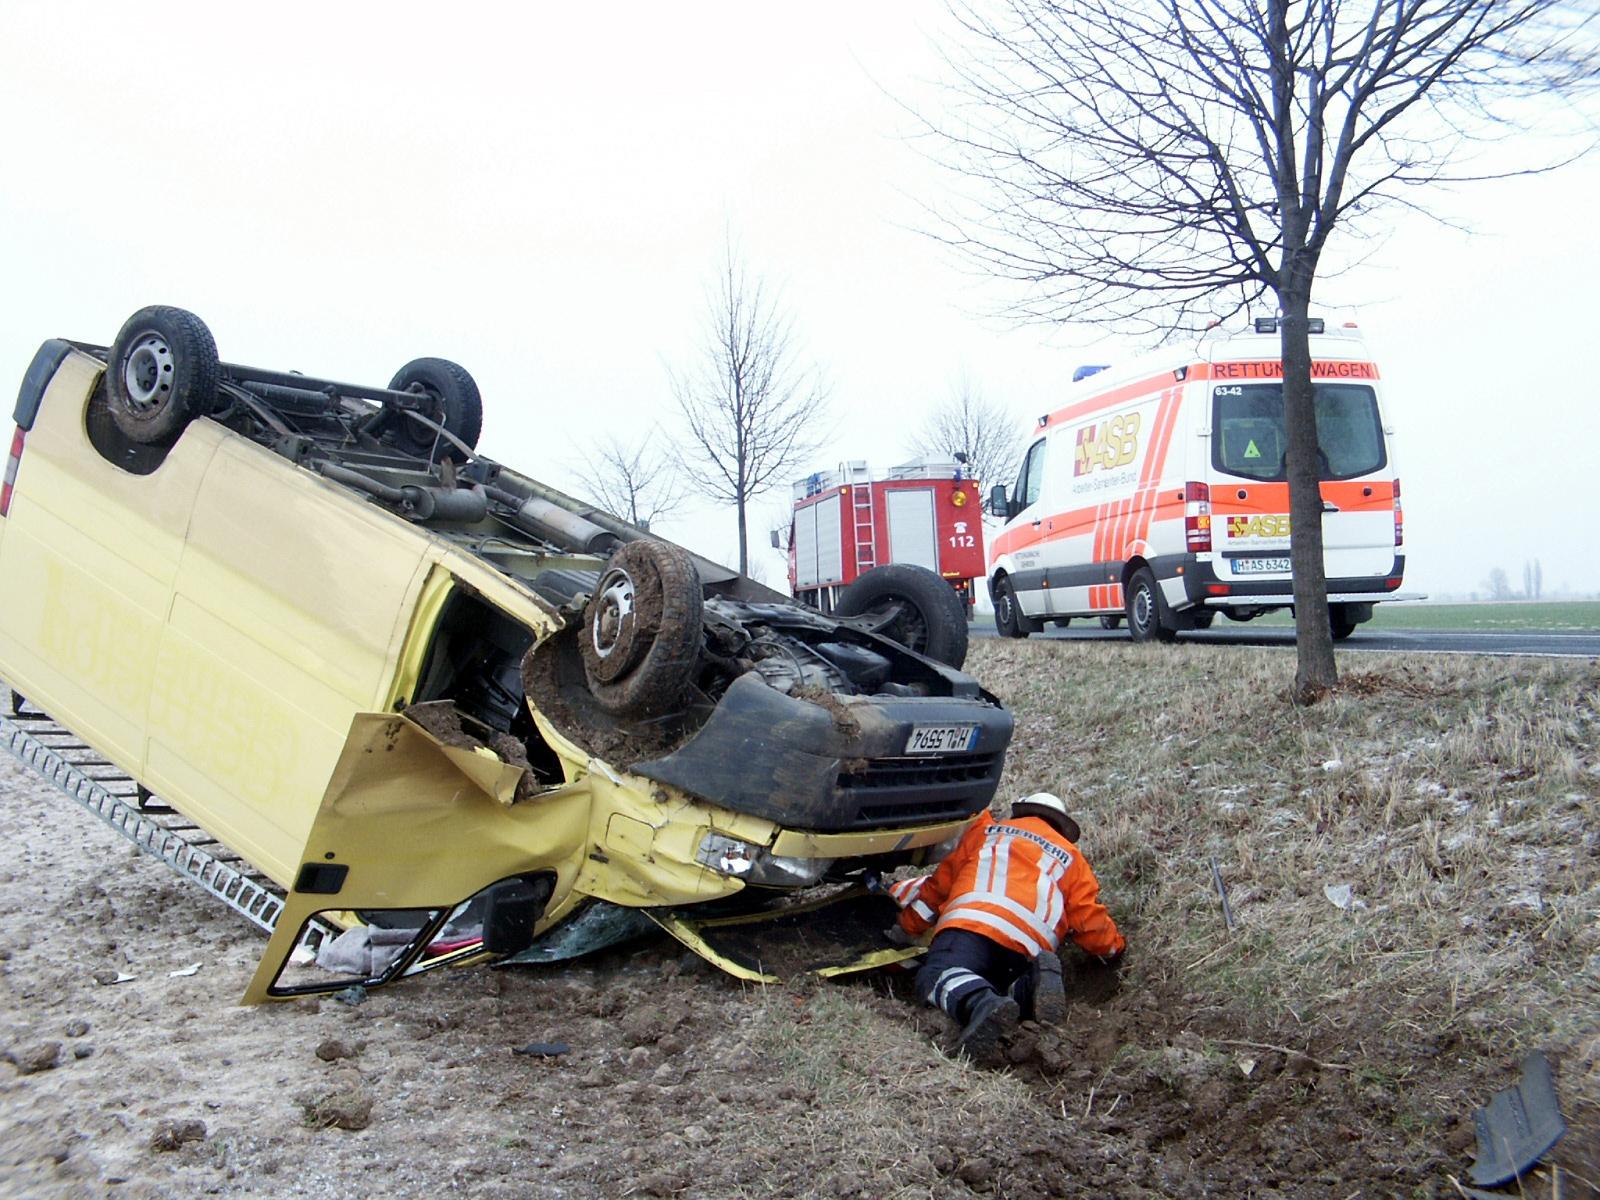 Zum Artikel Ratgeber: Richtiges Verhalten am Unfallort